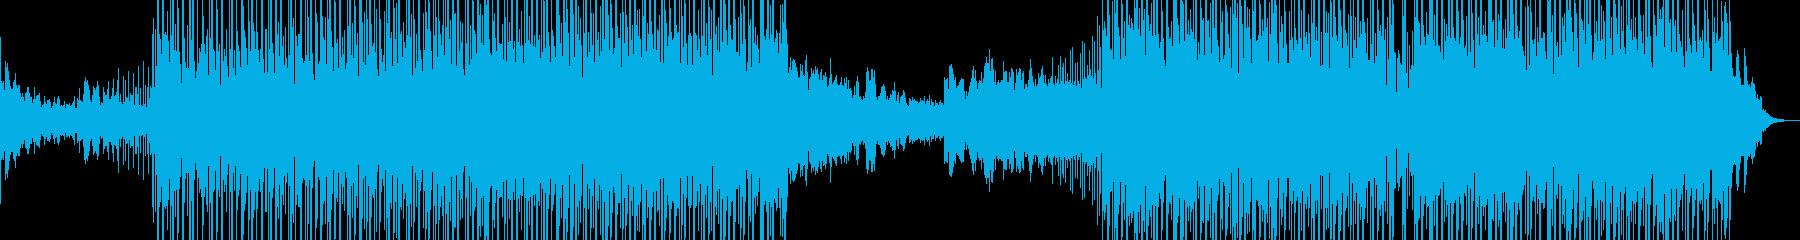 歌詞のトランペットとドラムとベースの再生済みの波形